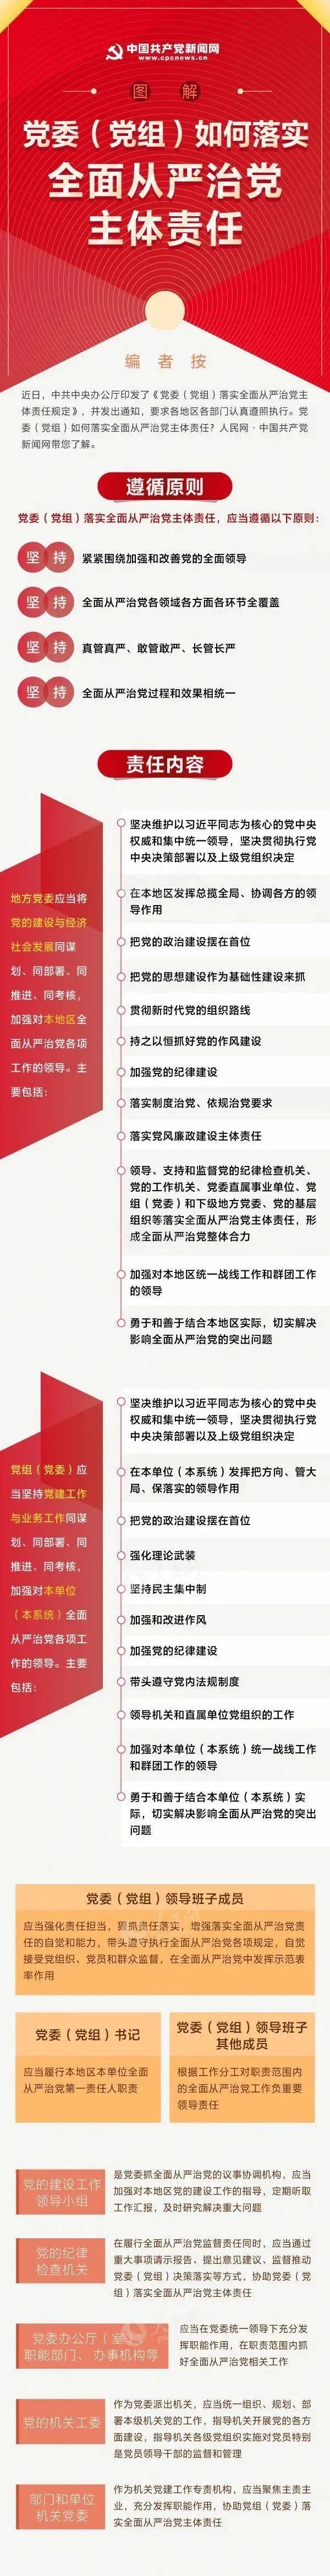 一图读懂《党委(党组)落实全面从严治党主体责任规定》图片